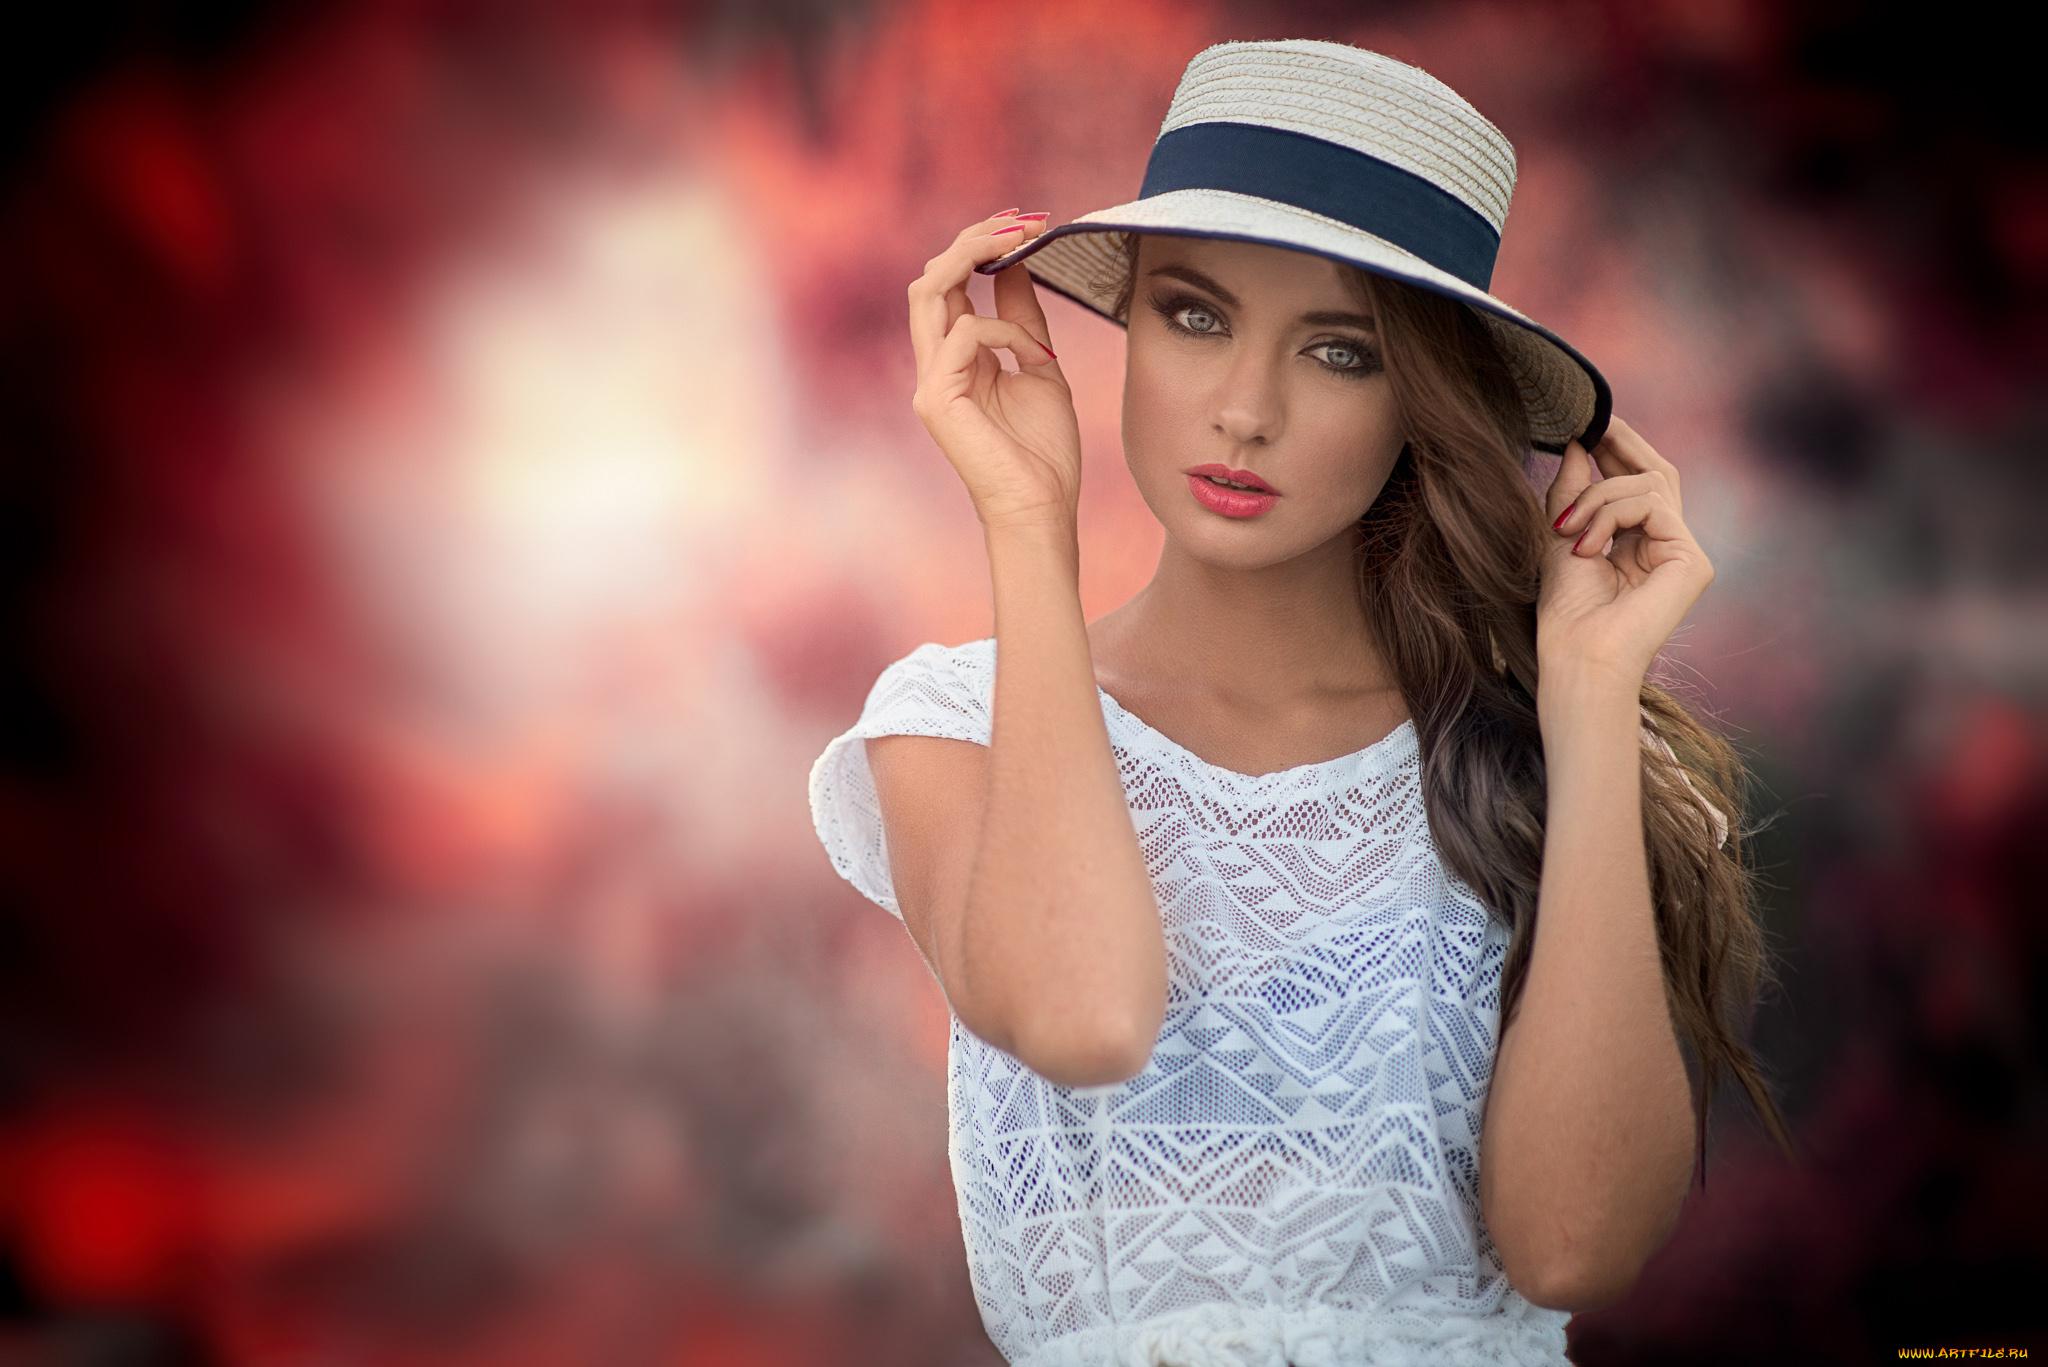 девушка взгляд шляпка красная лицо  № 1867450 без смс